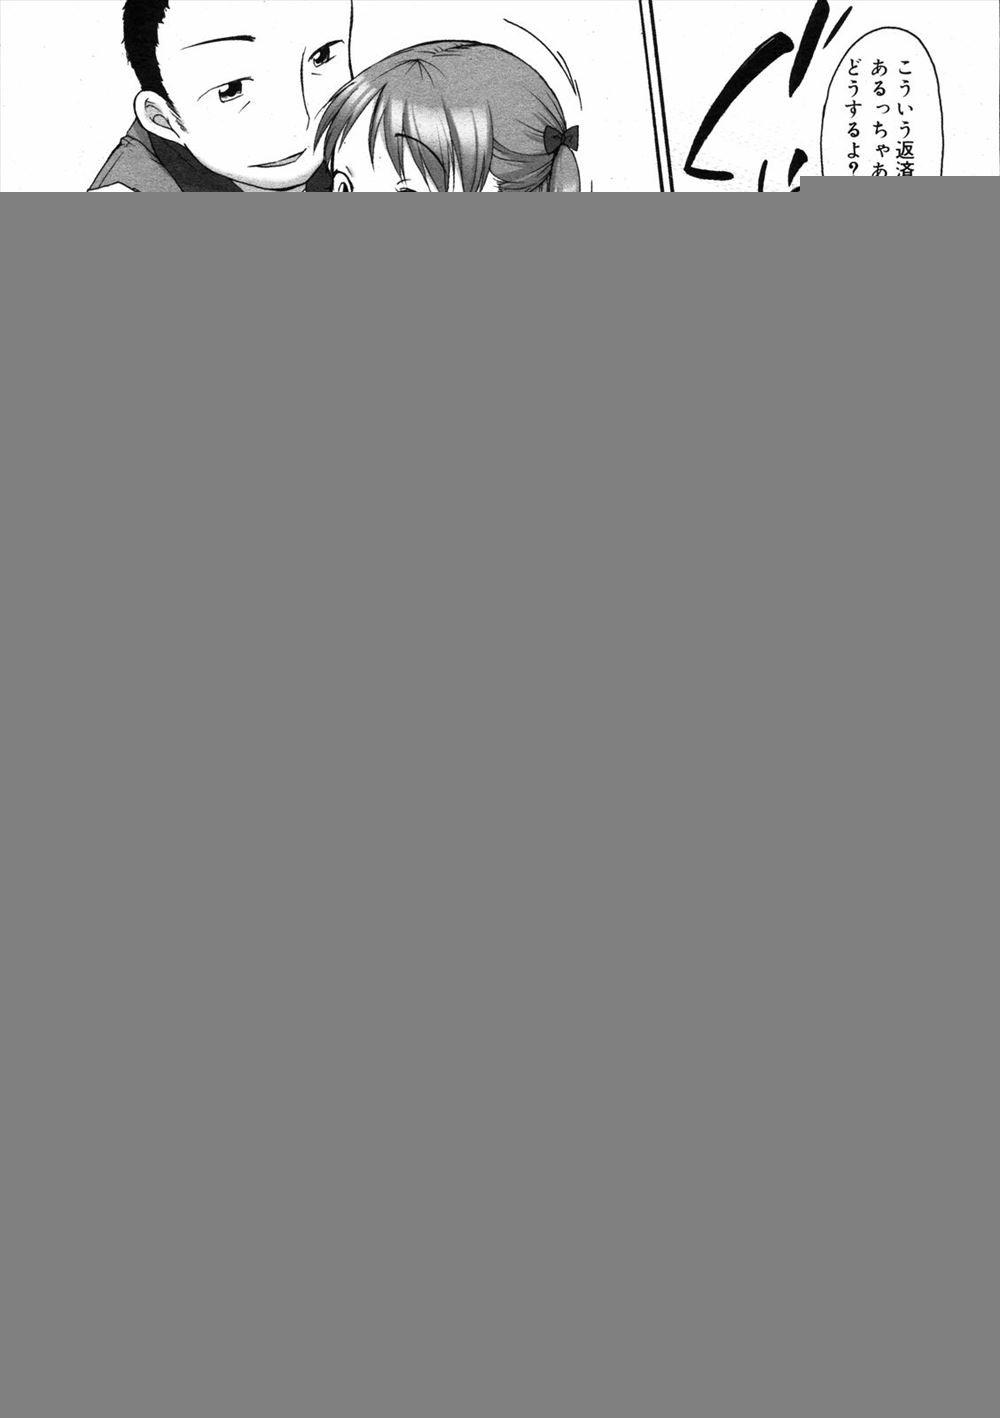 【エロ漫画同人誌】巨乳な愛子ちゃんが婚約者の家に行ったら借金取りに生ハメレイプされてしまった!! 010